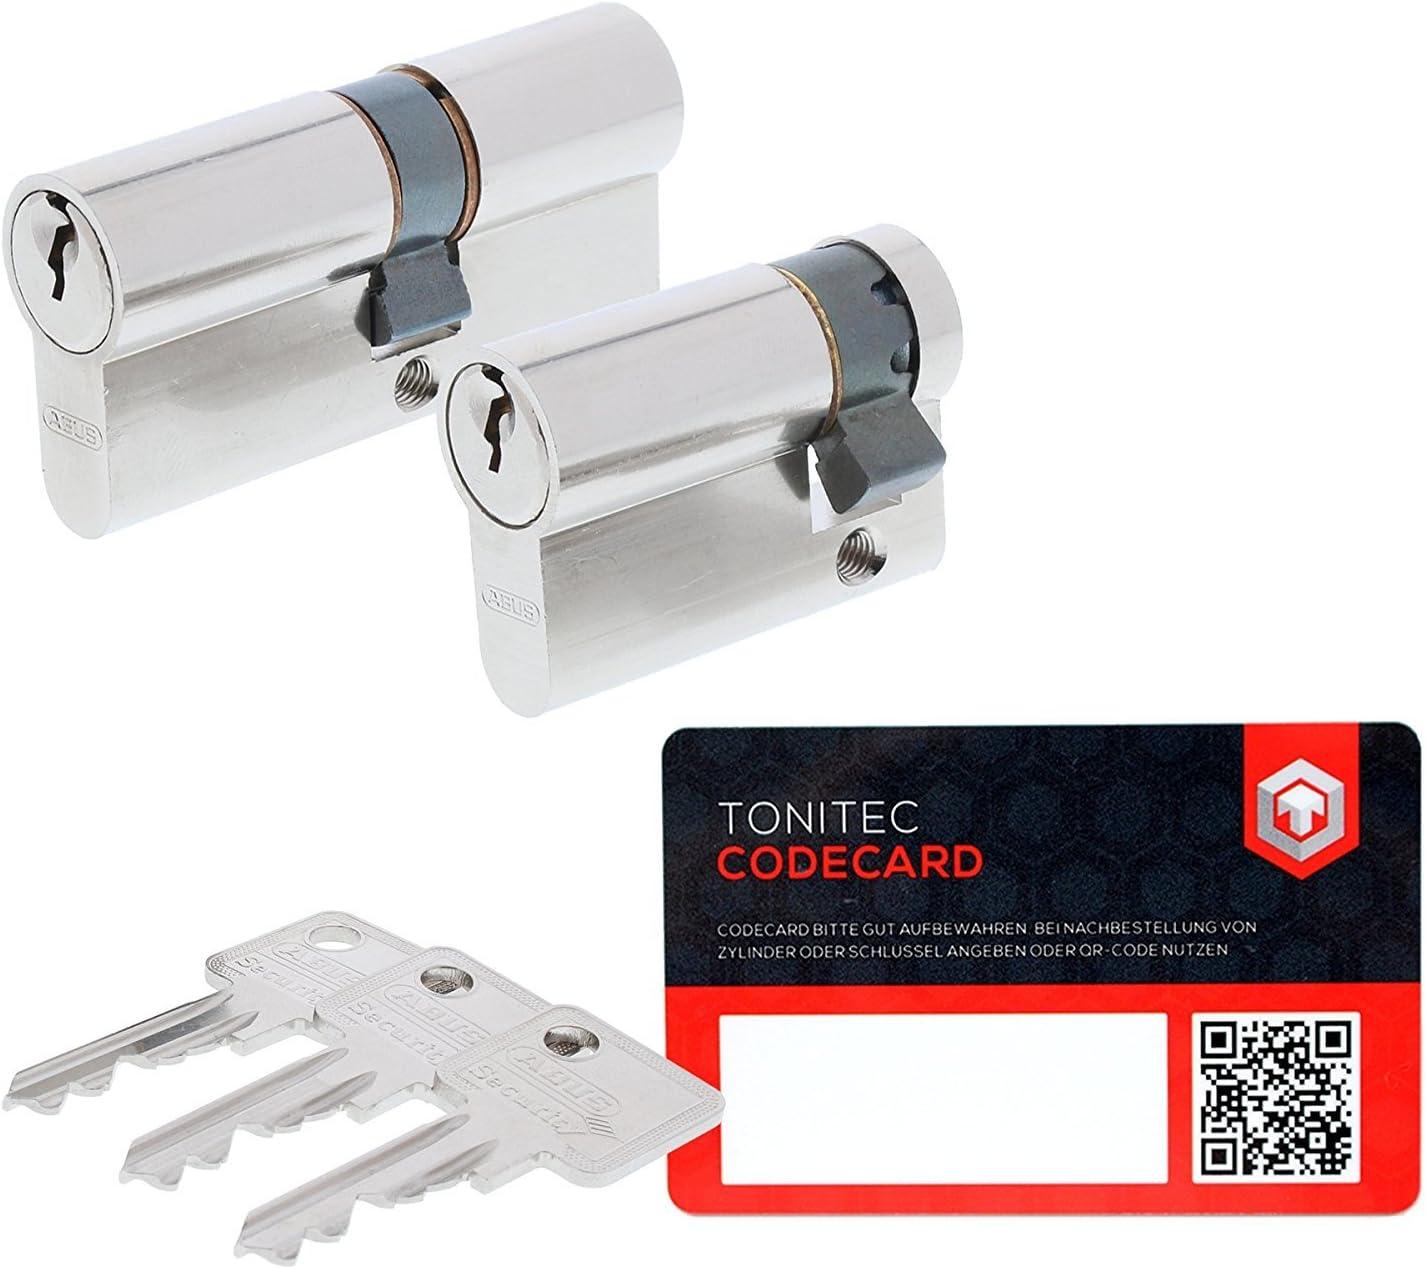 ABUS Schlie/ßzylinder Profilzylinder C73 N+G GS gleichschlie/ßend Lagerschlie/ßung inkl 3 Schl/üssel inkl ToniTec CodeCard Gr/ö/ße 45//50mm